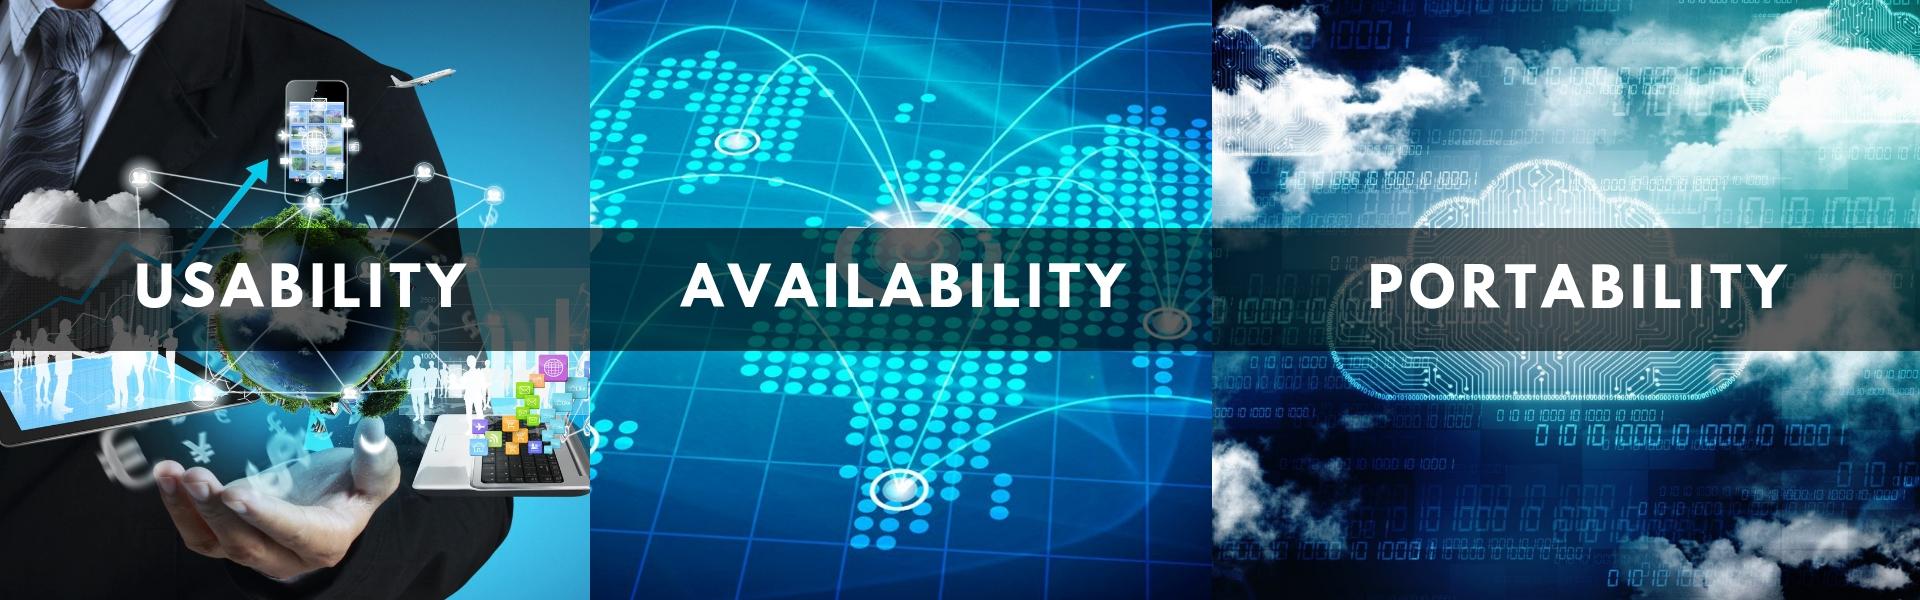 Usability Availability Portability